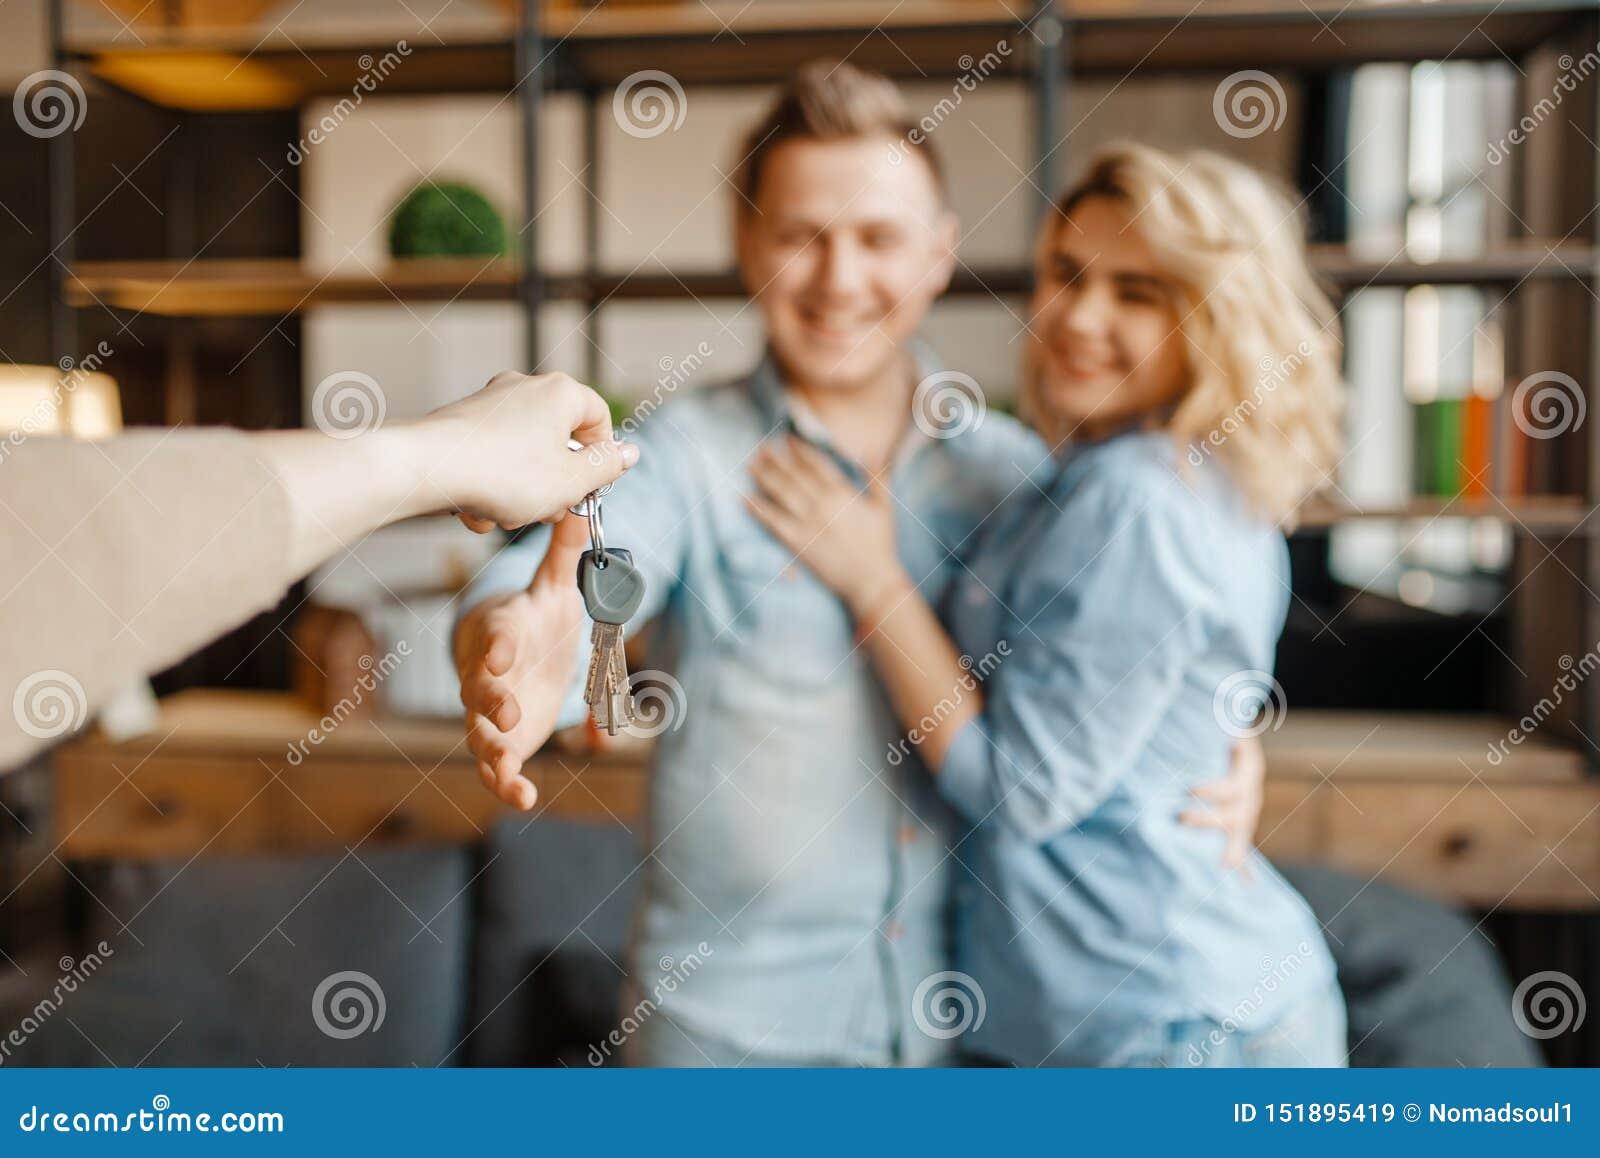 La pareja casada del amor recibe nuevamente como regalo las llaves